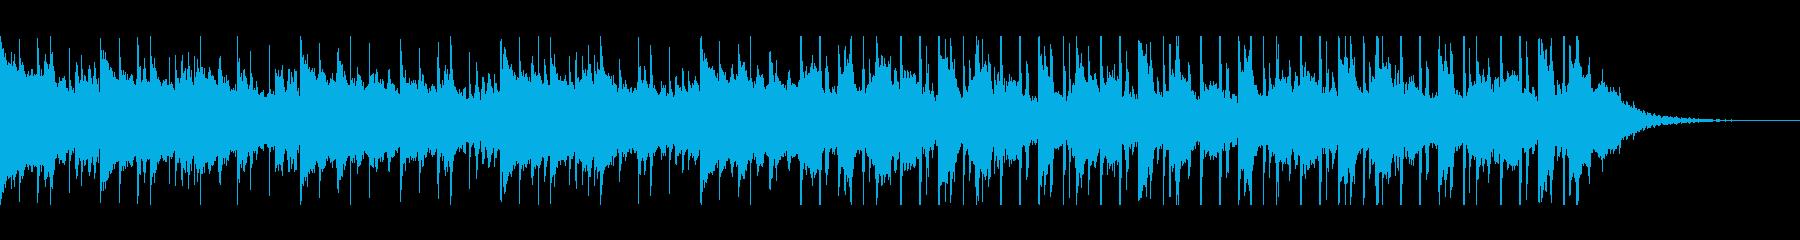 中東のラマダン(45秒)の再生済みの波形